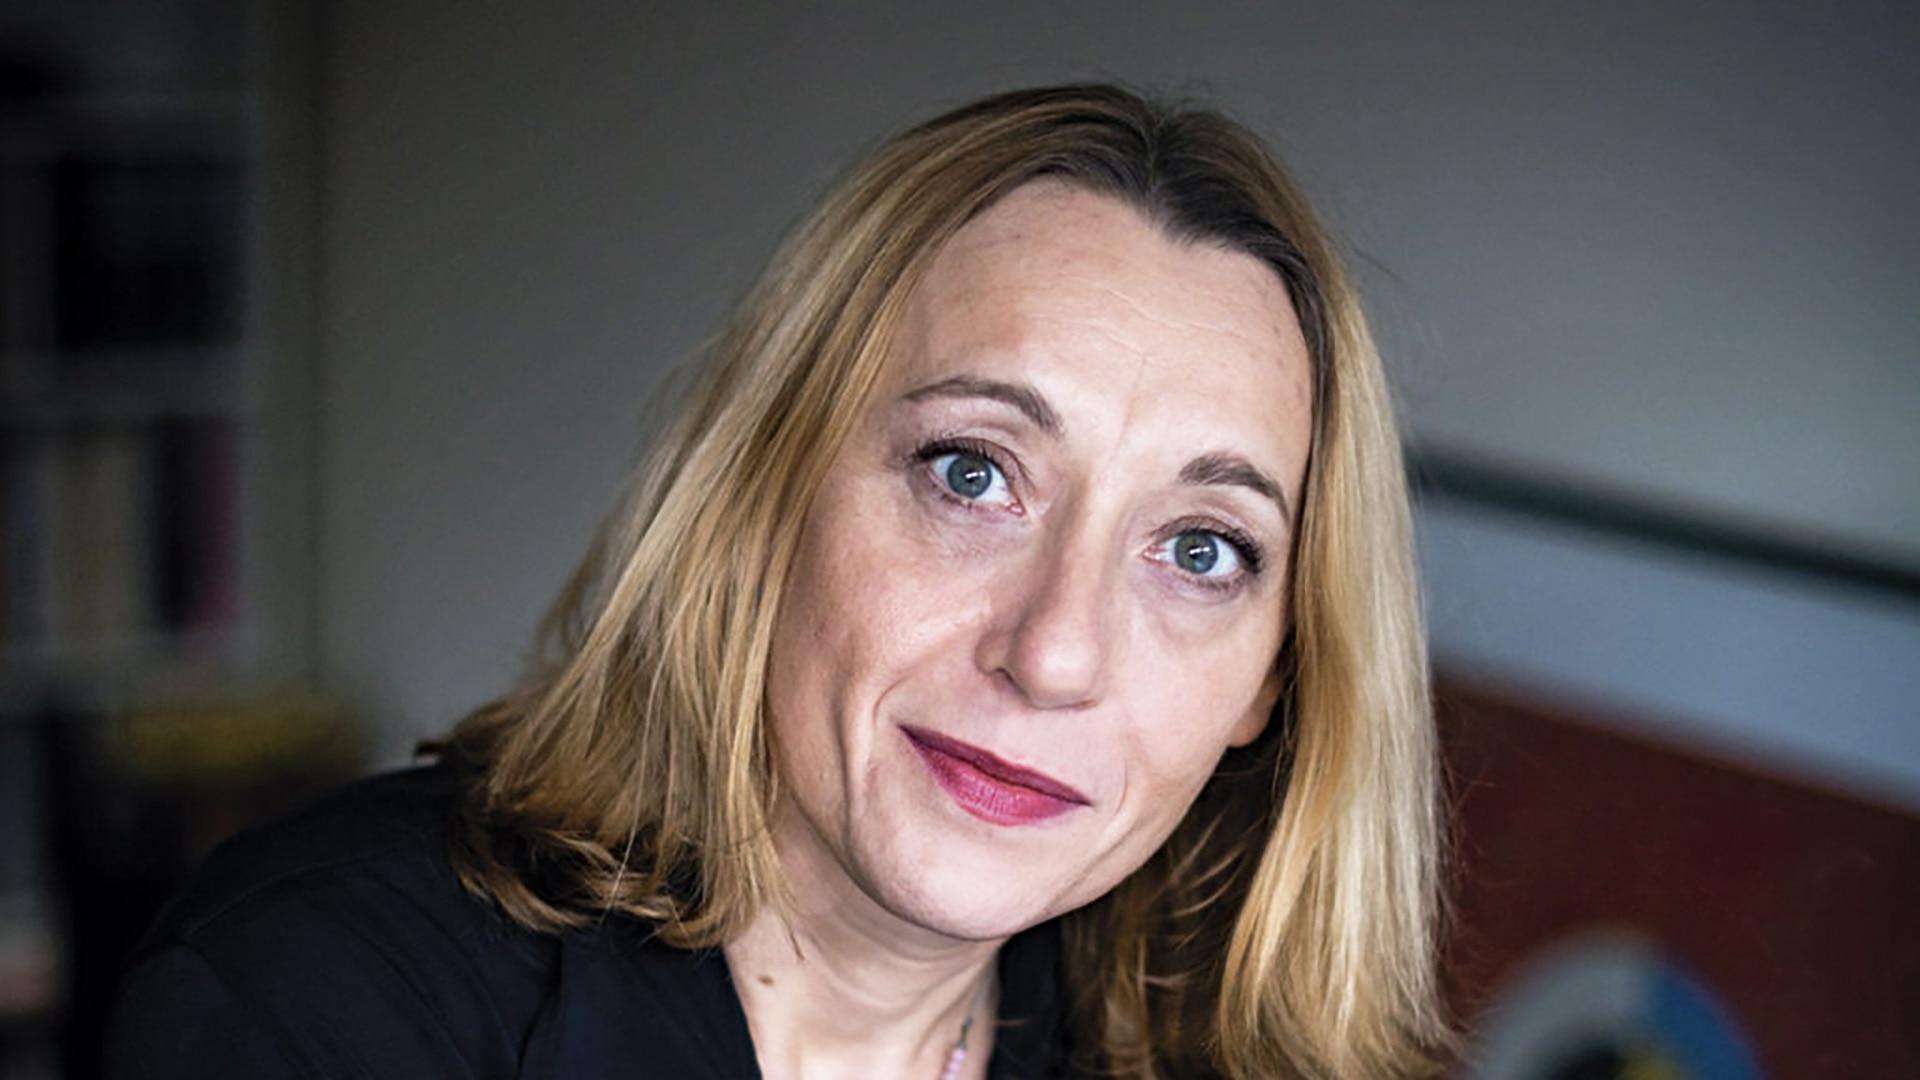 Actrices Porno Retirada Francia quién es virginie despentes, la escritora feminista que